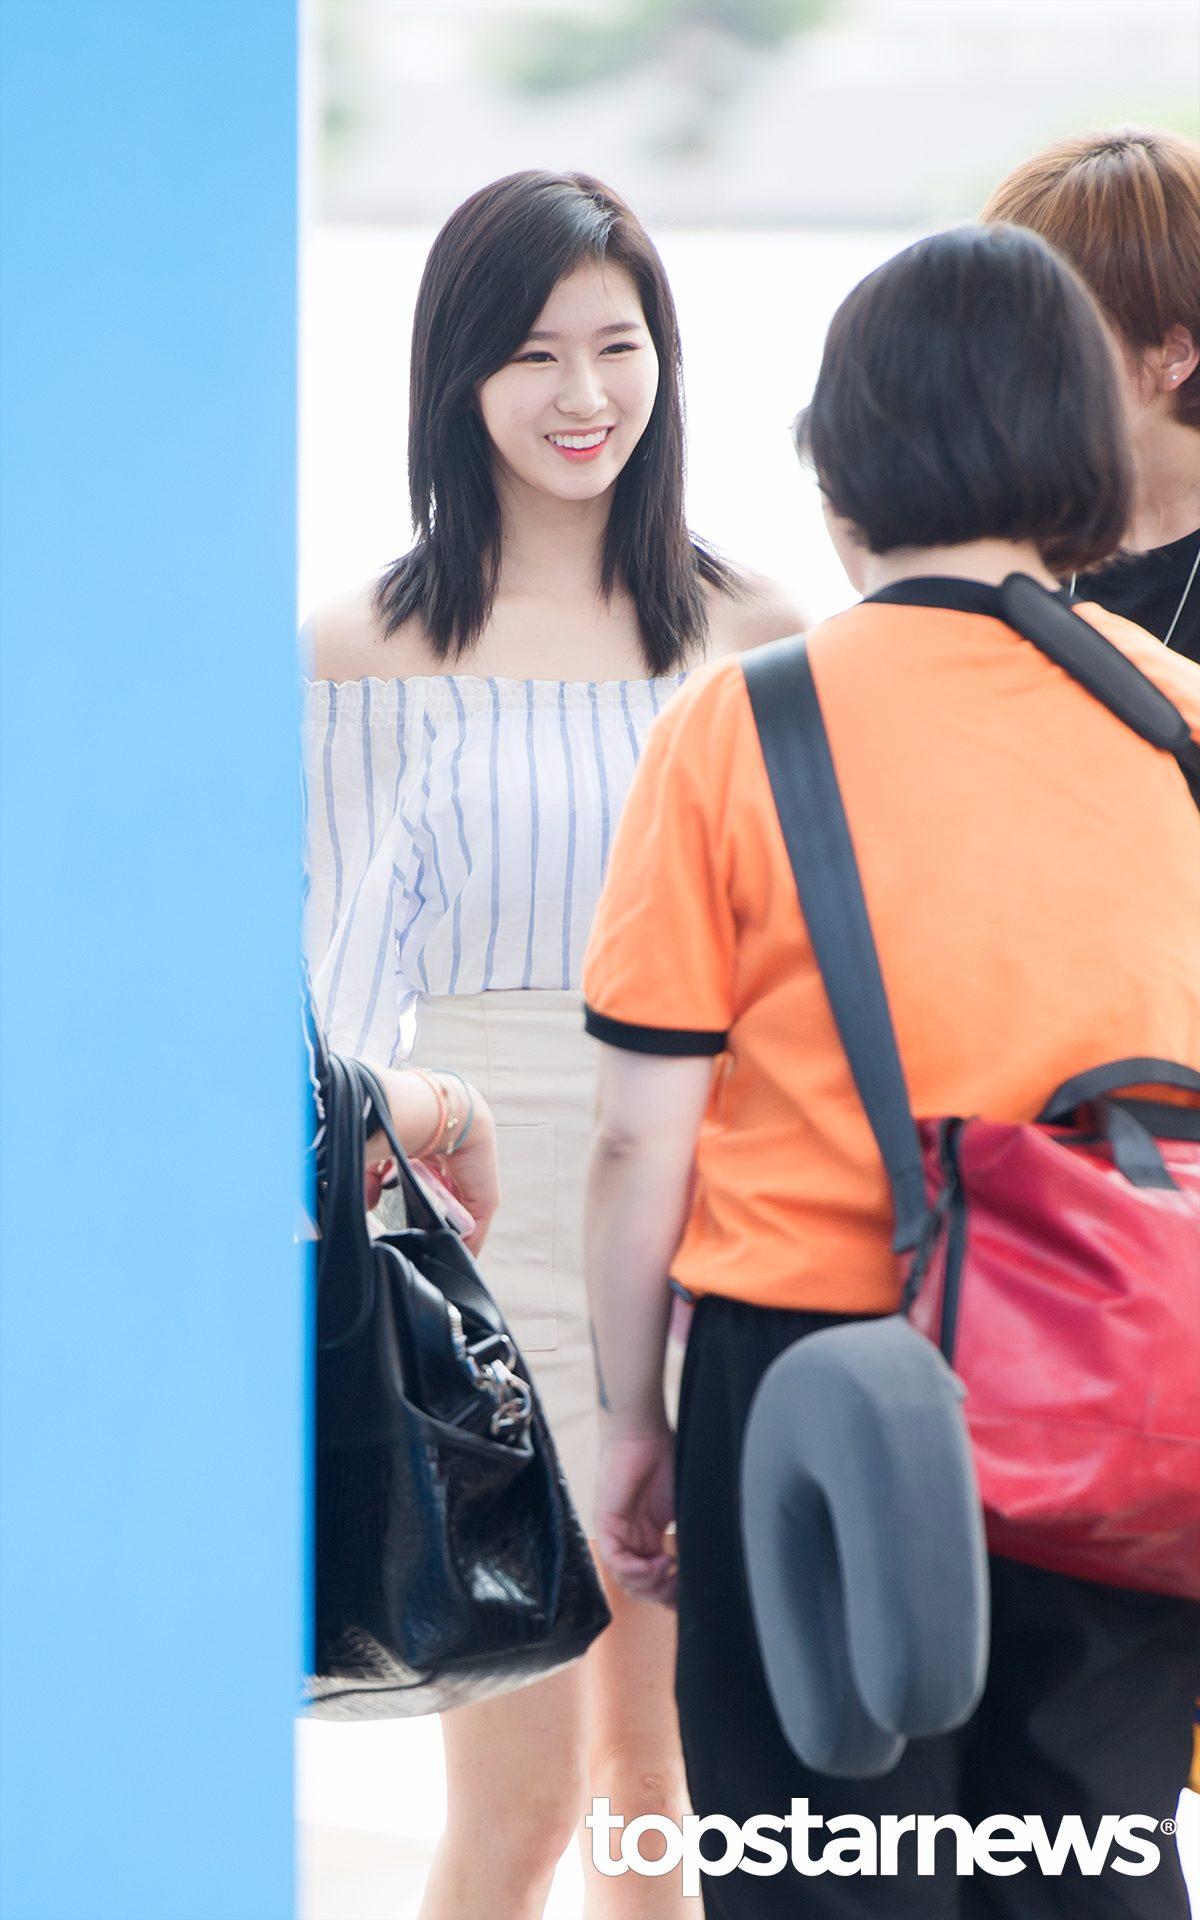 Sana最近也把頭髮剪短了,還染成了黑色,可能是染黑的關係,看起來會有點厚重,偽少女還是更喜歡Sana之前的金髮。